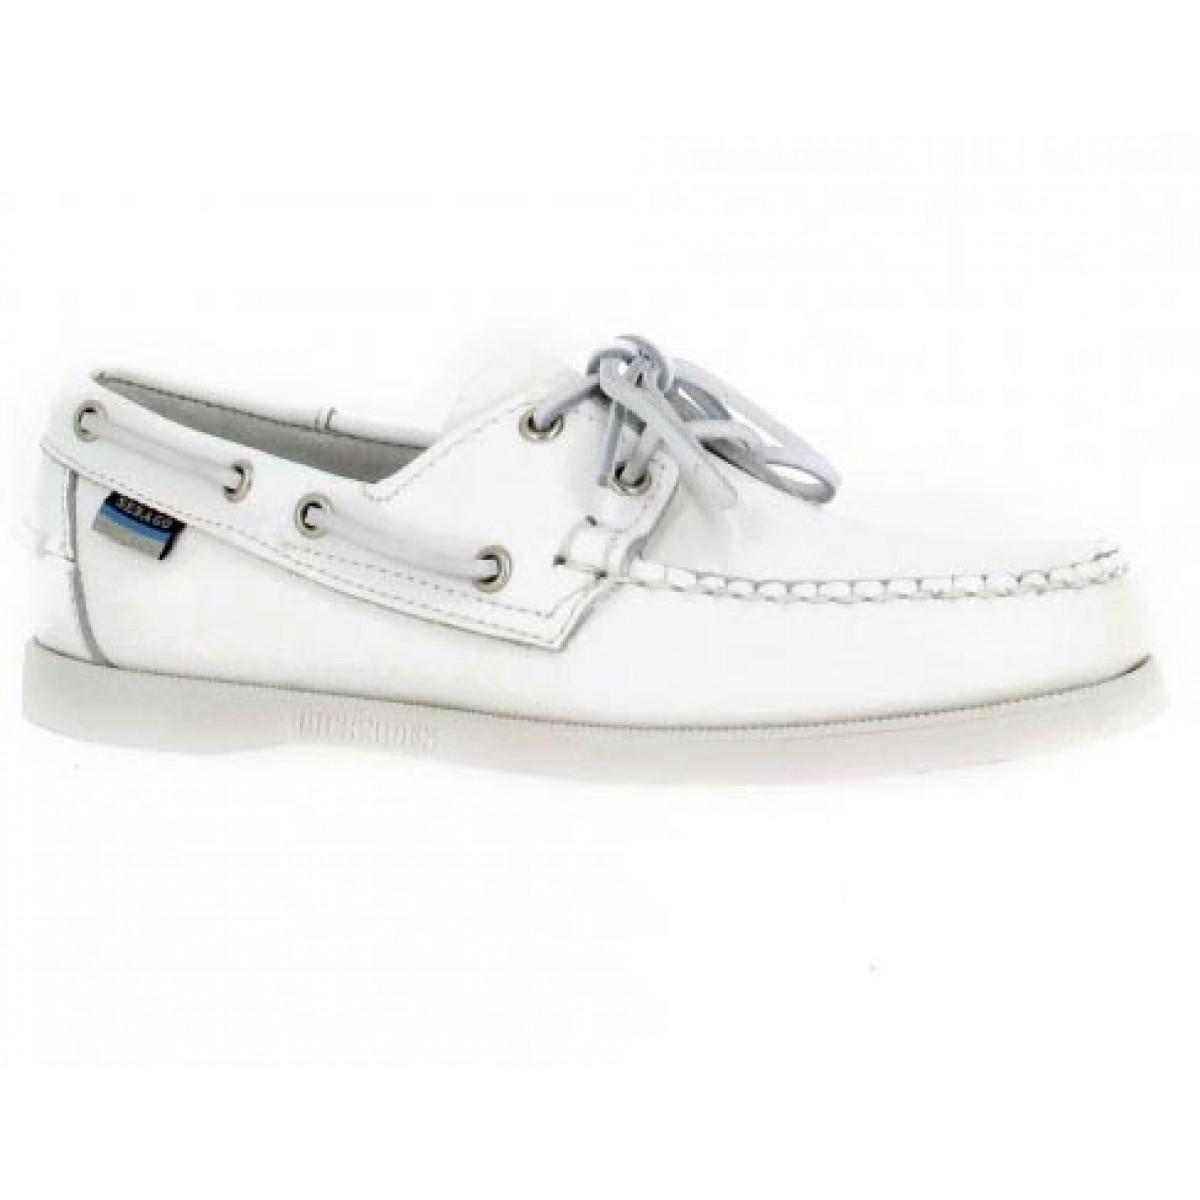 Chaussures bateaux SEBAGO Docksides Femme Blanc